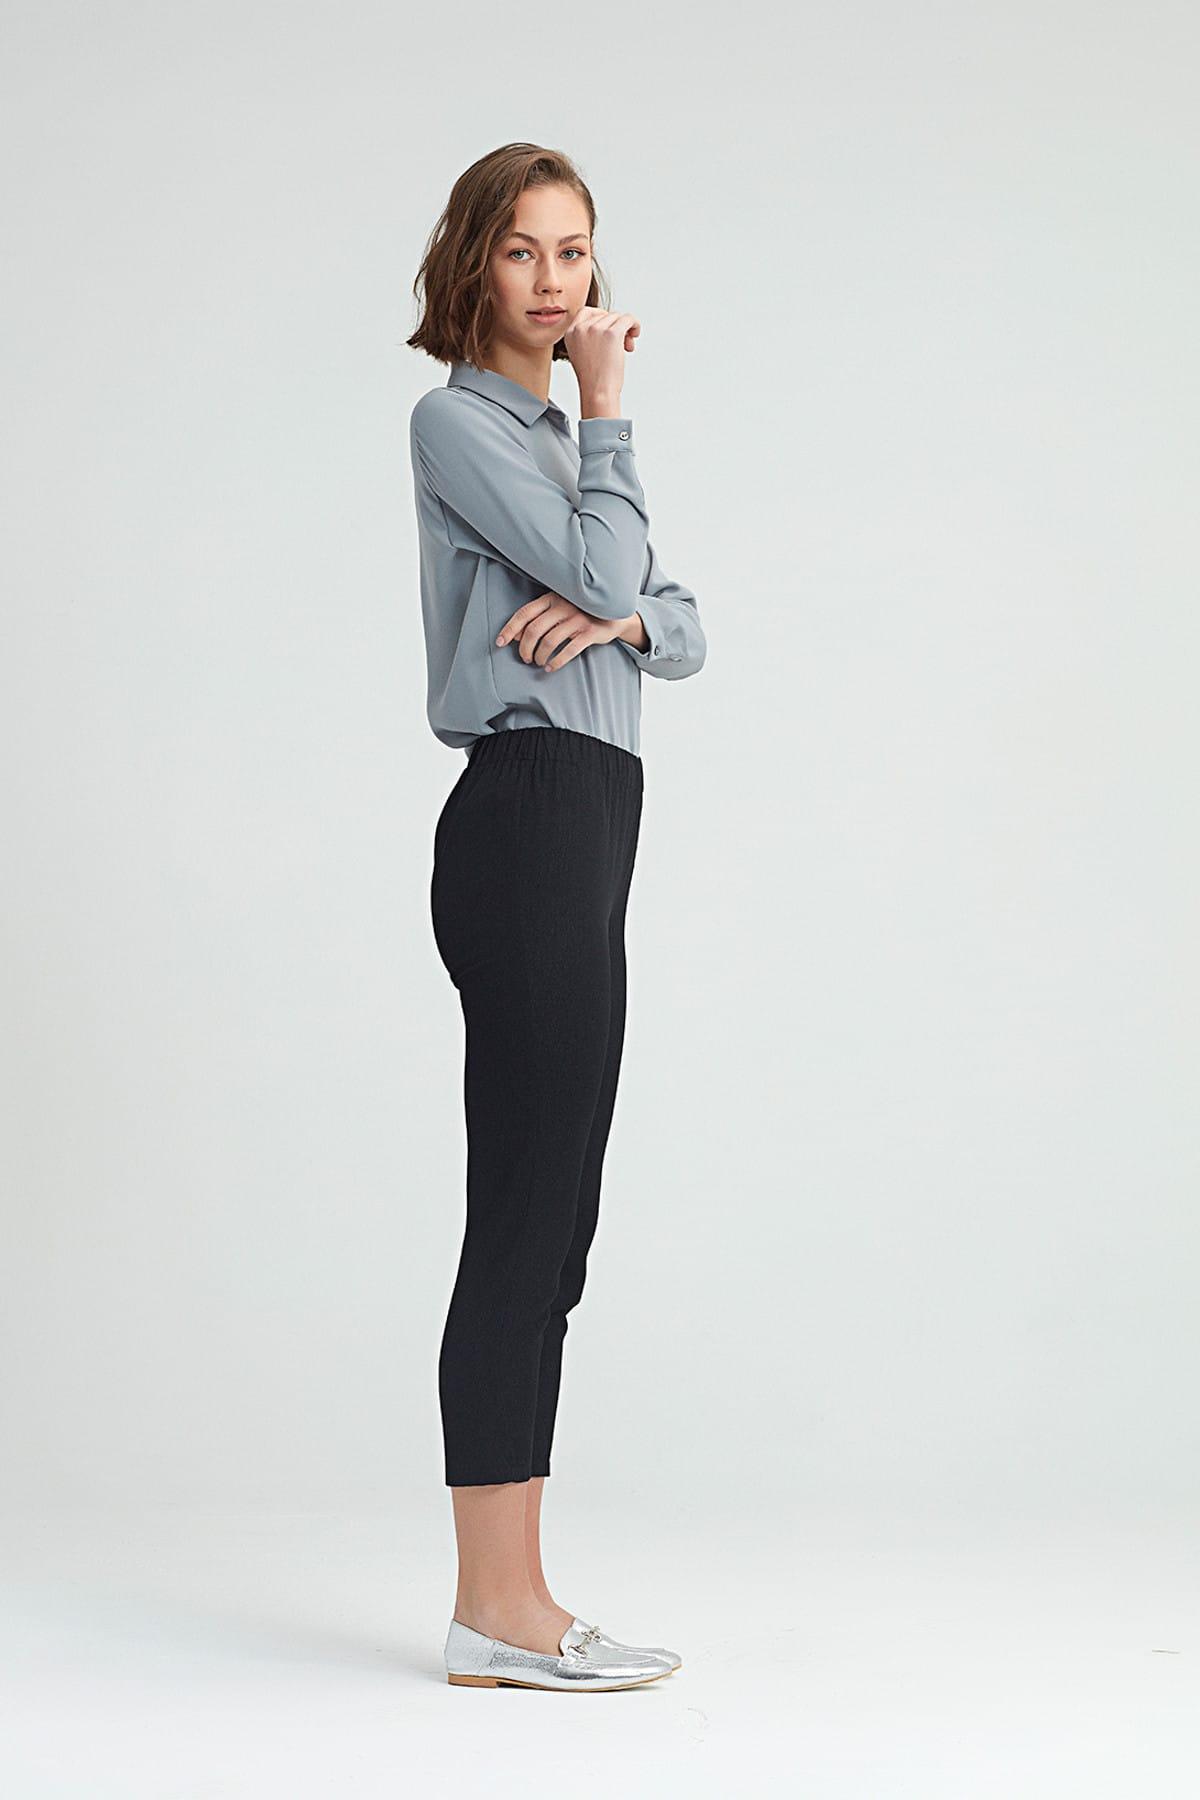 Mizalle Kadın Siyah Dar Kesim Pantolon 18KGMZL2011010 2